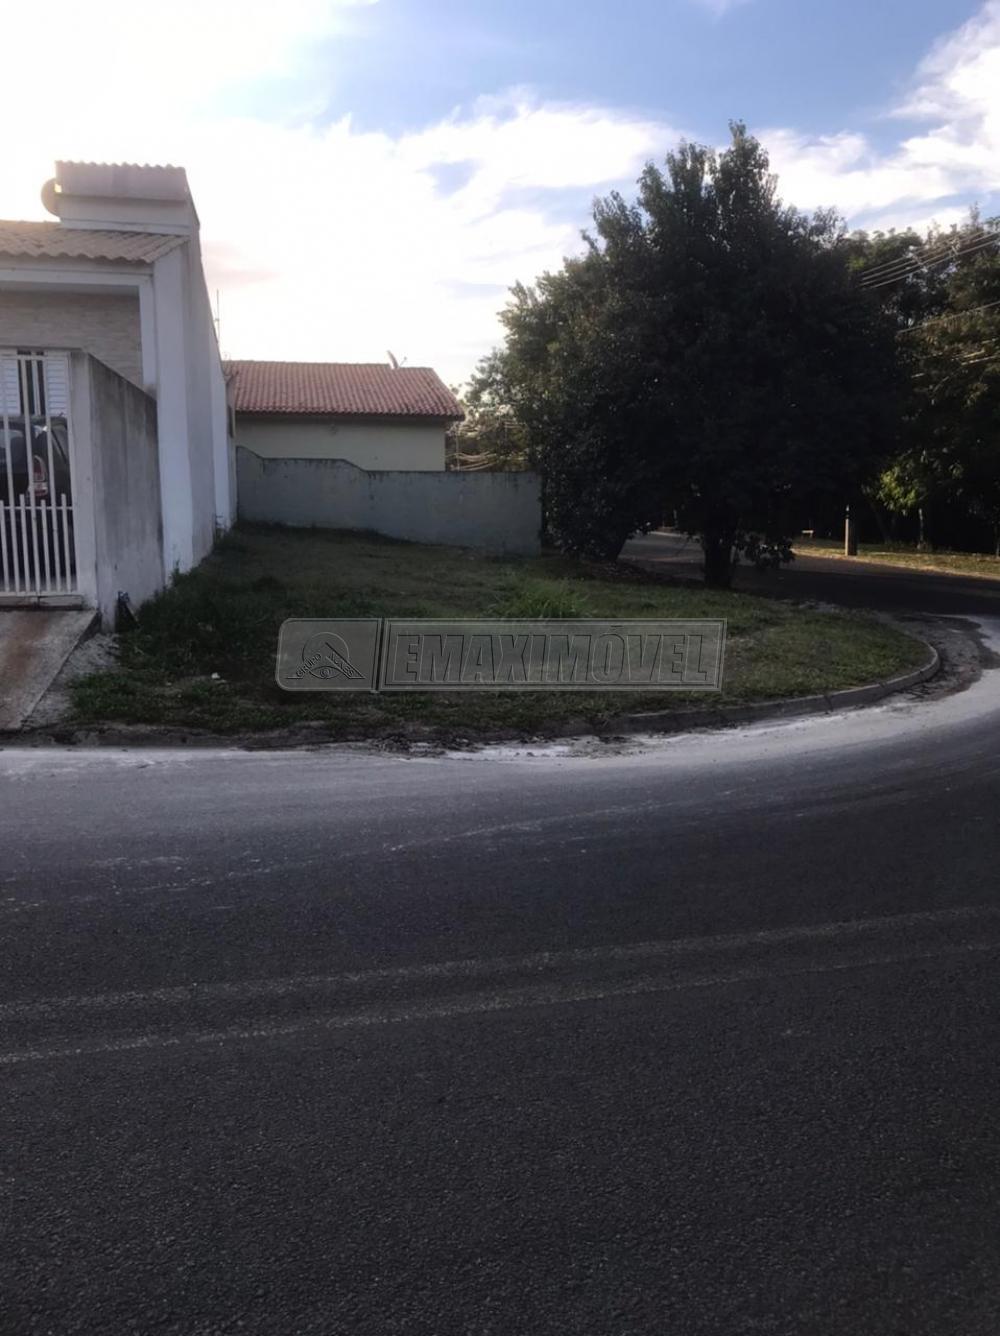 Comprar Terreno / em Bairros em Sorocaba R$ 140.000,00 - Foto 1